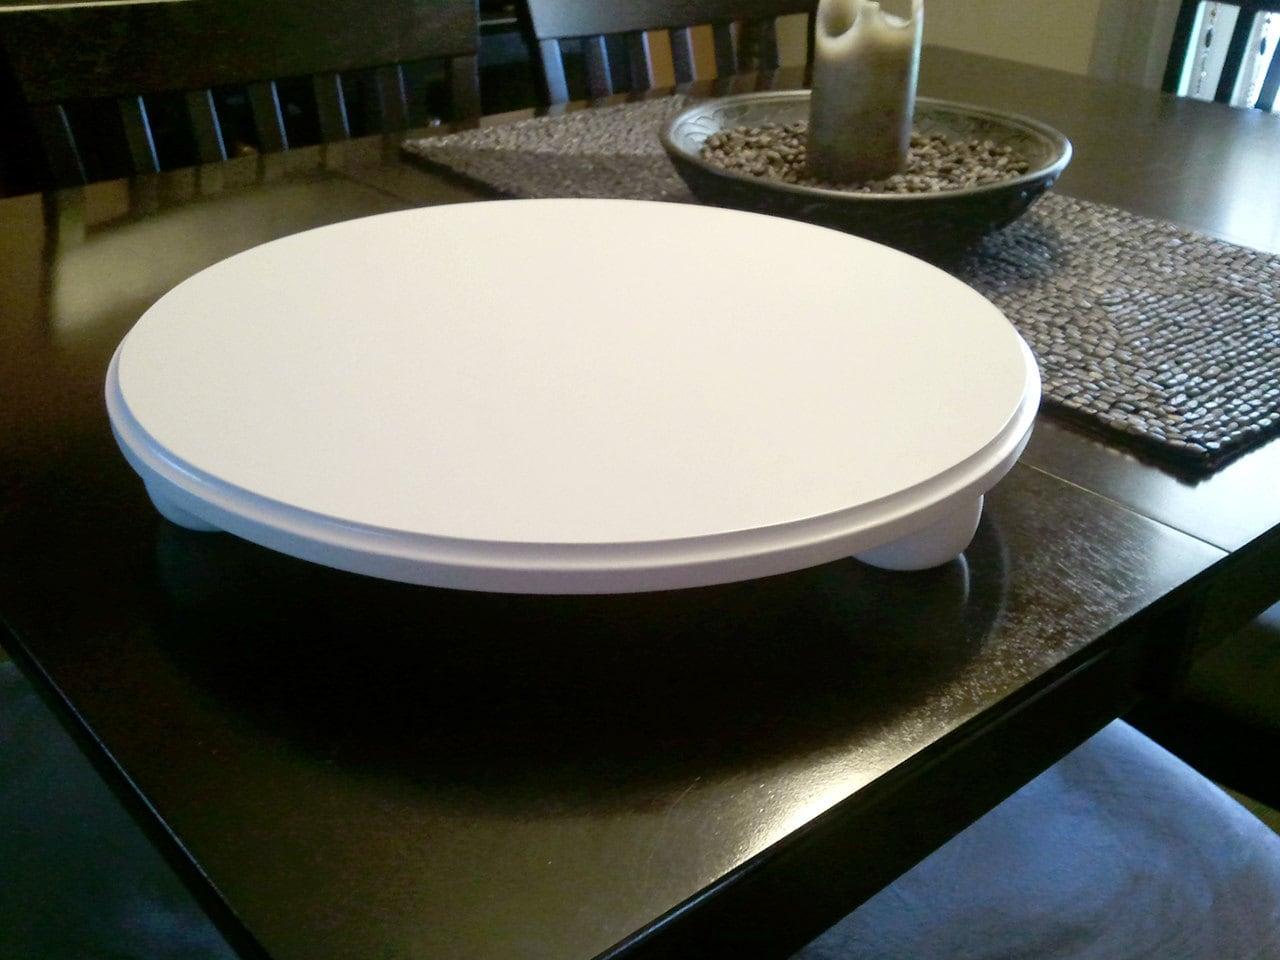 18 inch round cake stand